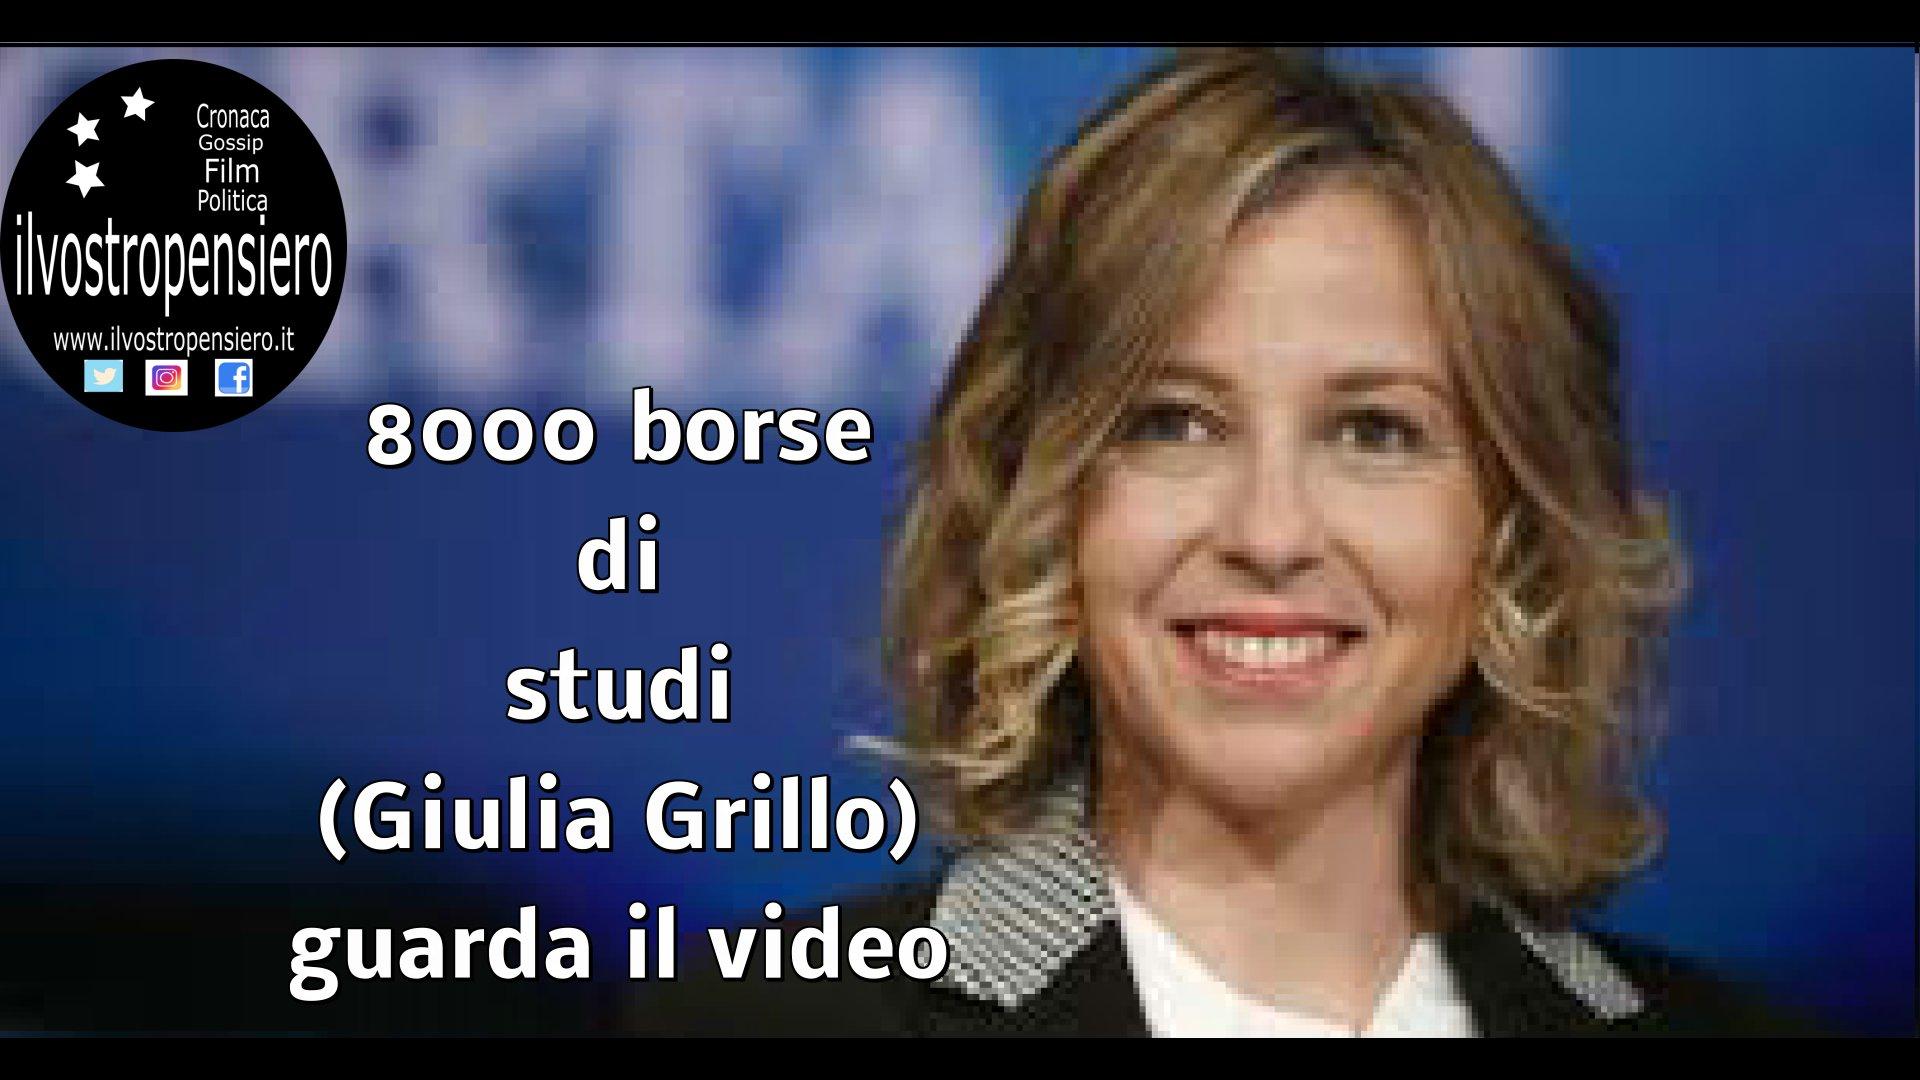 Movimento 5 stelle: Giulia Grillo 8000 borse di studi per medici specializzandi(guarda il video)